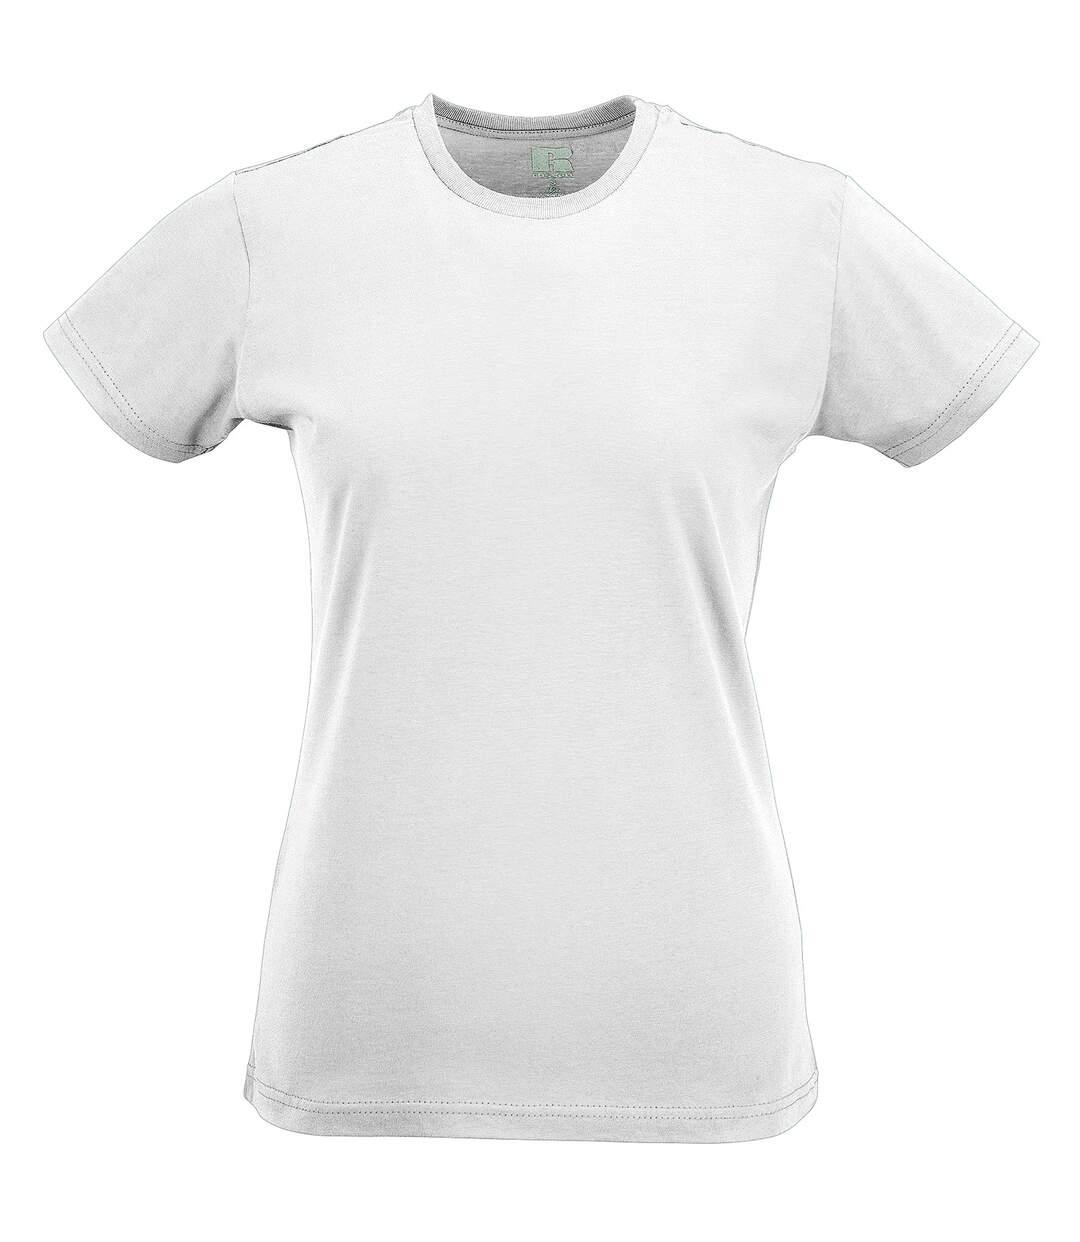 Russel - T-Shirt À Manches Courtes - Femme (Blanc) - UTBC1514